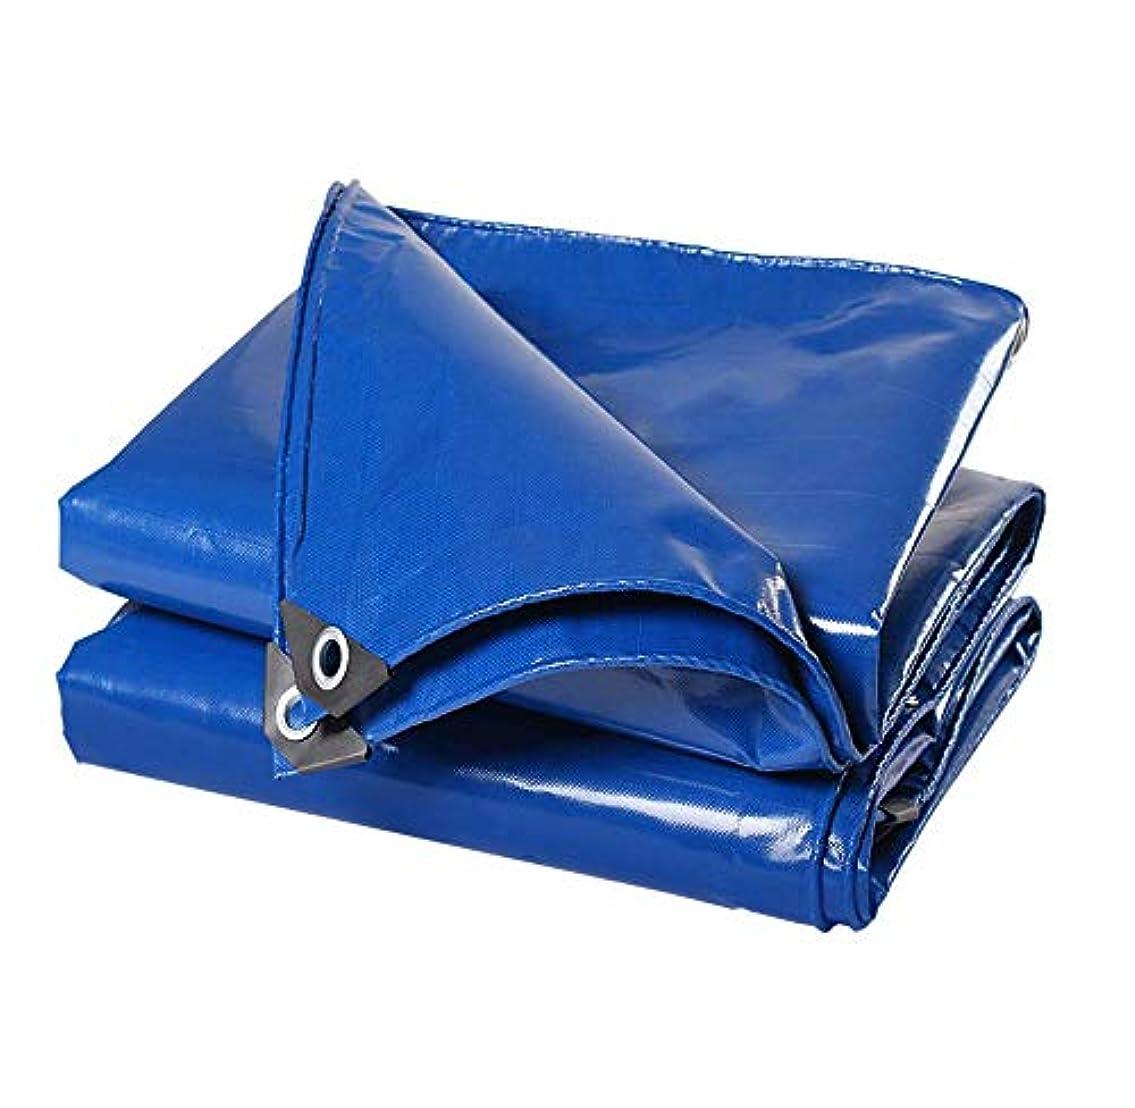 スカウト辛な安心屋外の青い防水シート、0.45 mm日焼け止め防水シート、514 g/m 2、トラックの防塵および防雨防水シート、両面防水をカスタマイズすることができます